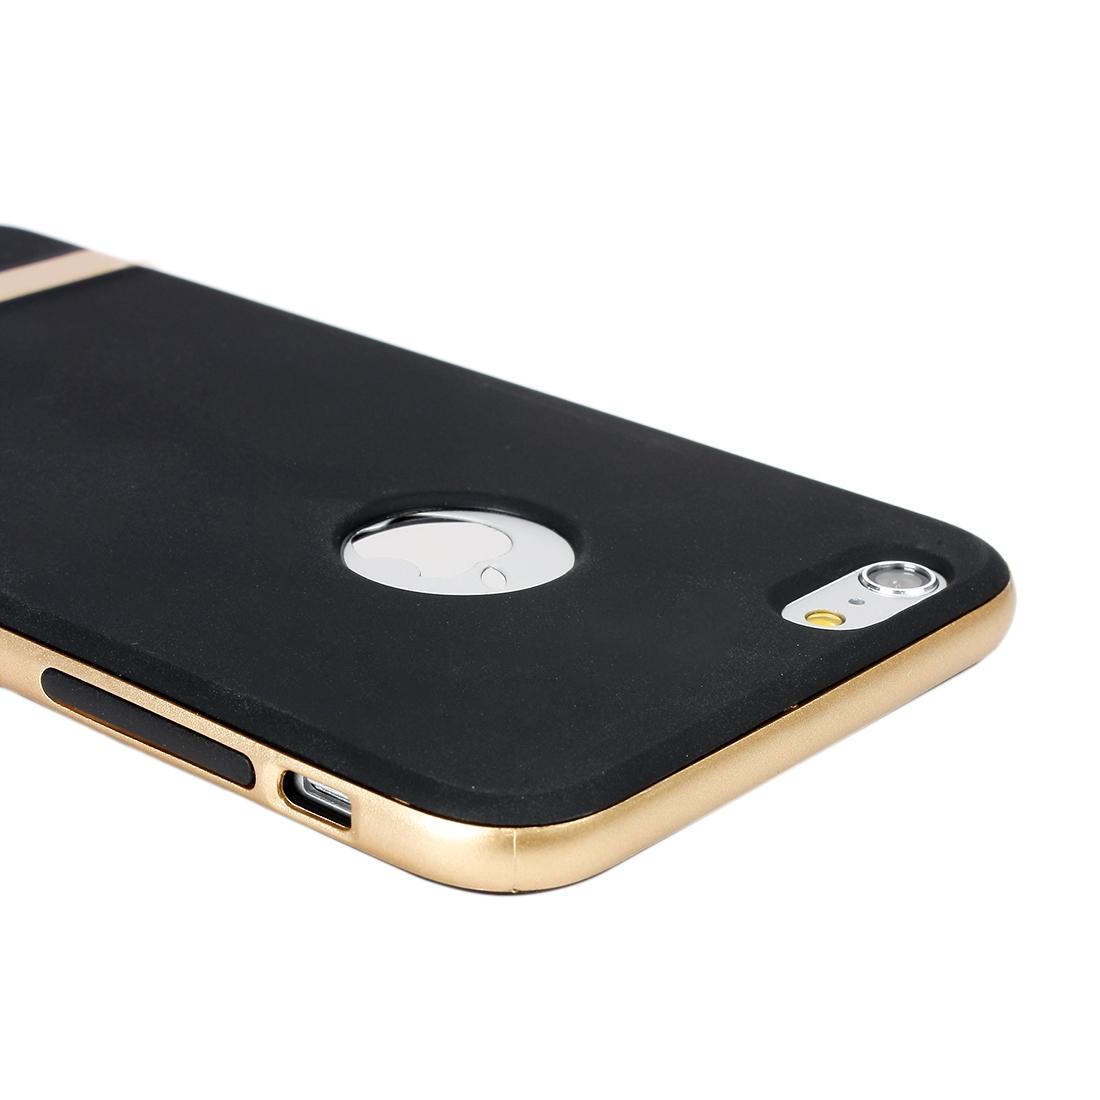 Slim Hybrid Shockproof Hard Bumper Soft Case Cover For iPhone 6